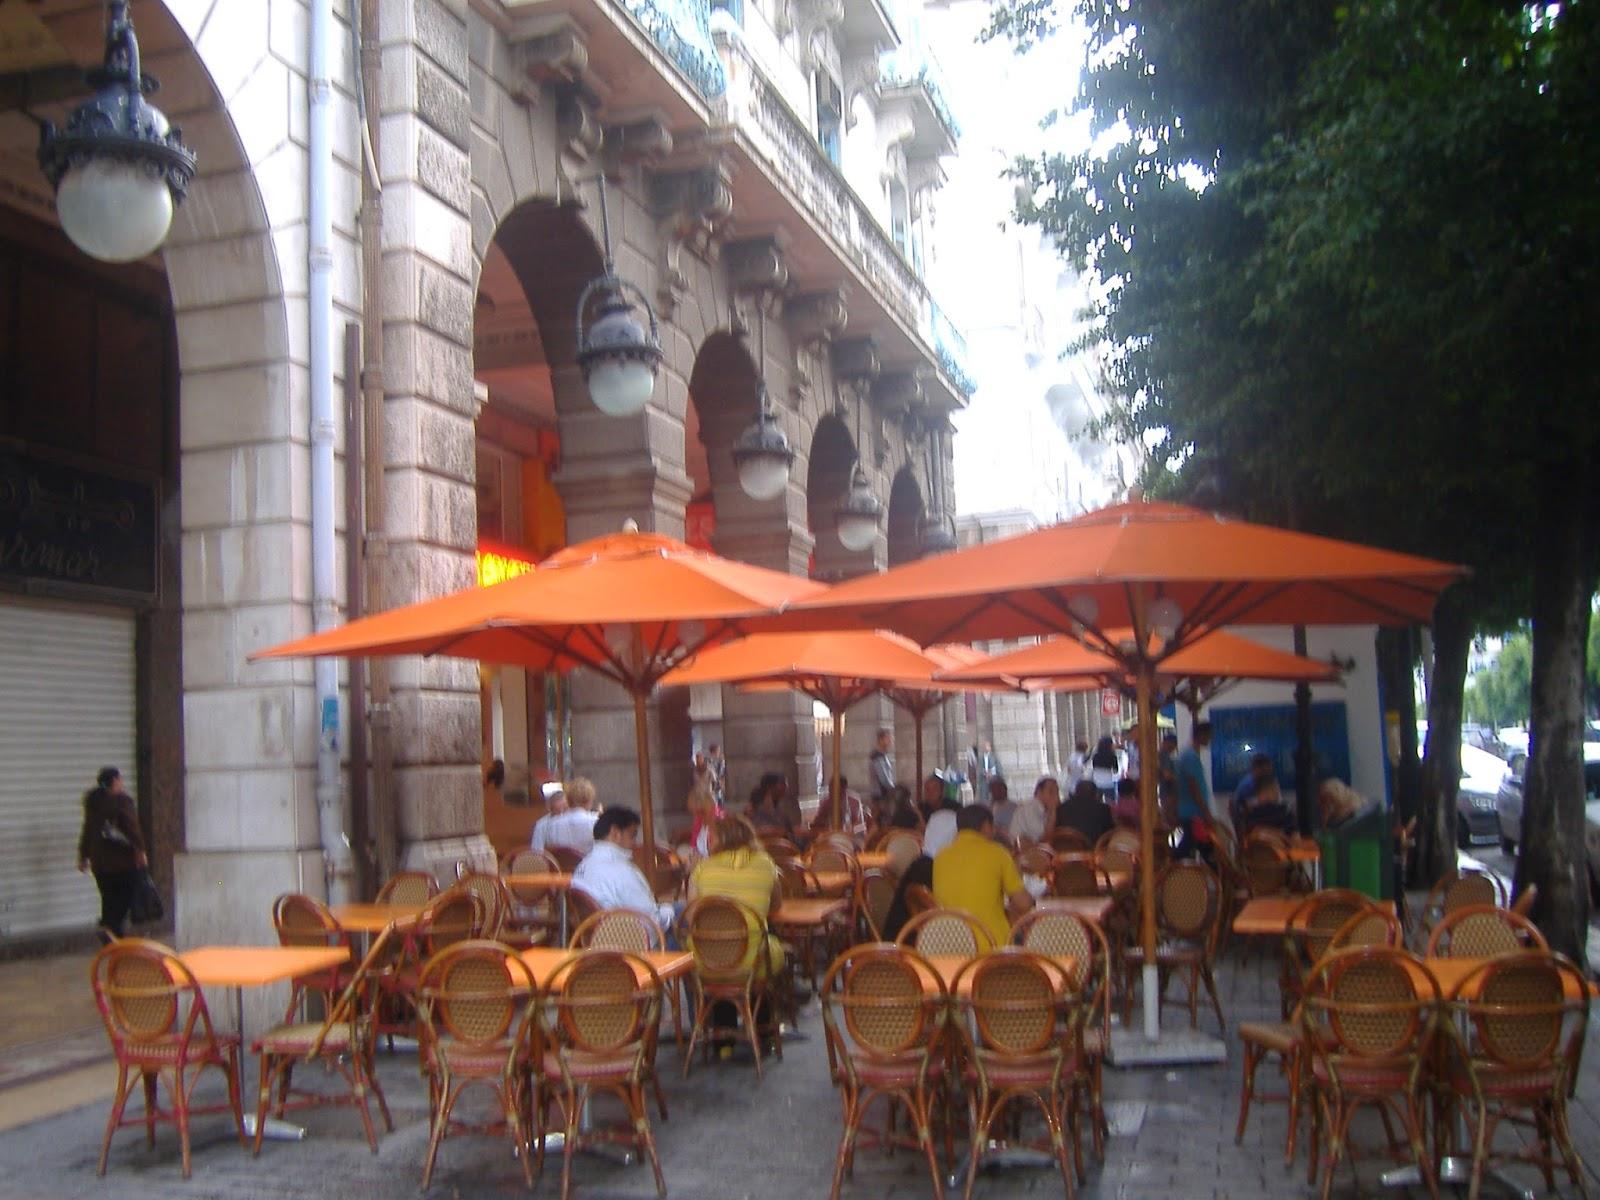 Habib Burgiba Bulvarı üzerindeki kafelerden biri